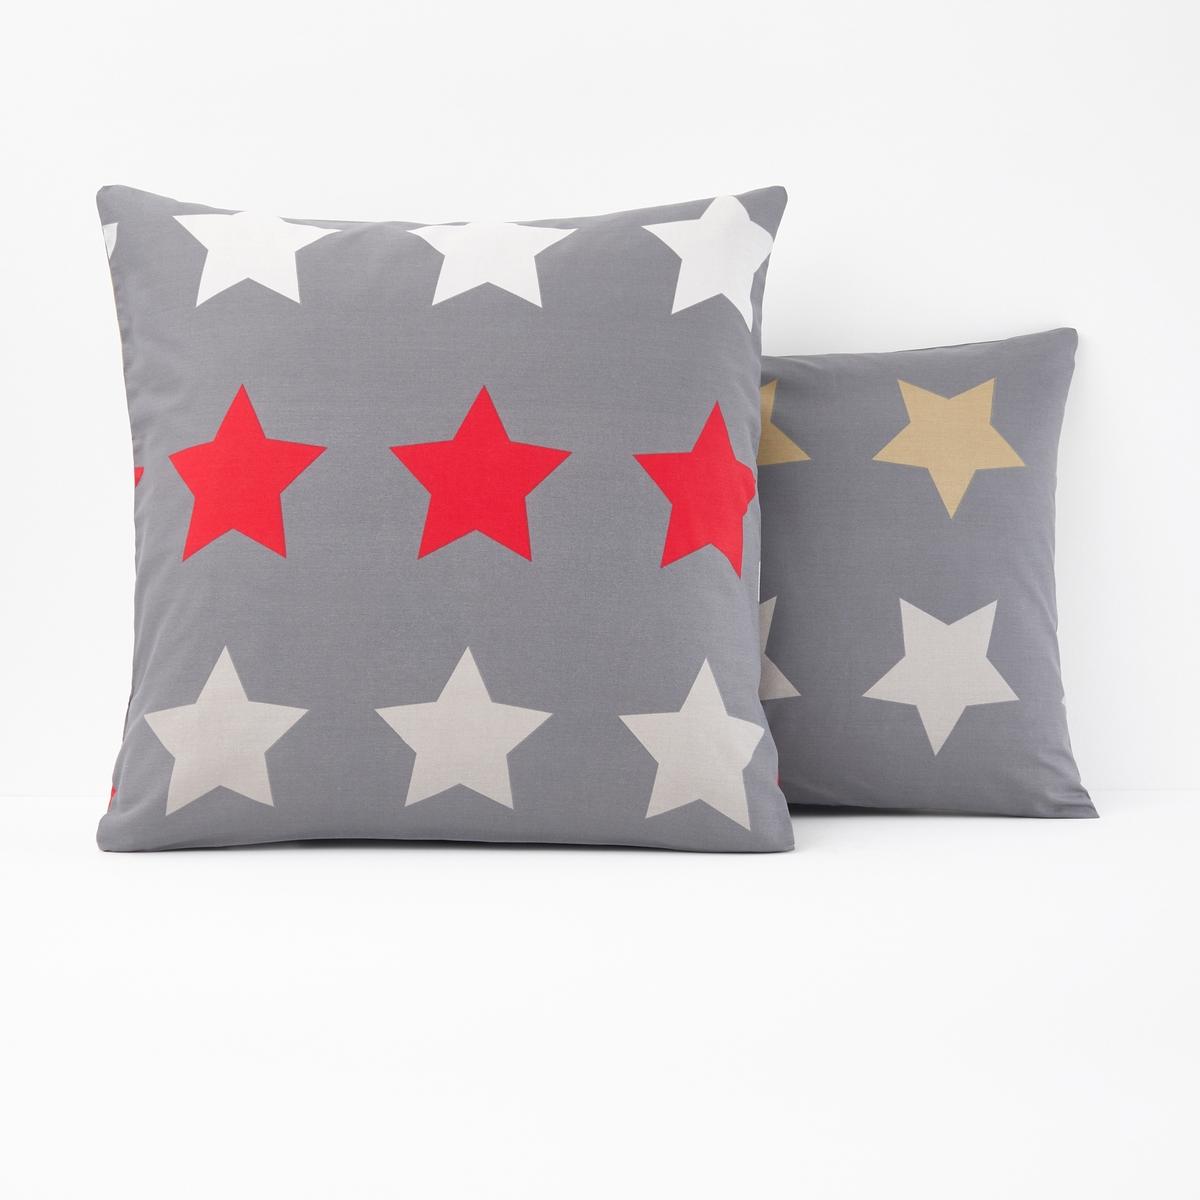 Наволочка с рисунком, STARS, anthraciteНаволочка с рисунком Stars anthracite. Звезды в стиле colorama : очень модный рисунок в этом сезоне.Характеристики наволочки Stars anthracite :Квадратная наволочка в форме мешка : рисунок звезды на темно-сером фоне на лицевой и оборотной сторонах. 100% хлопок, 52 нитей/см? : чем больше нитей/см?, тем выше качество материала.Машинная стирка при 60 °С.Всю коллекцию постельного белья Stars anthracite вы можете найти на сайте la redoute.ru Знак Oeko-Tex® гарантирует, что товары прошли проверку и были изготовлены без применения вредных для здоровья человека веществ. Размер на выбор :63 x 63 см : квадратная наволочка50 x 70 см : прямоугольная наволочка<br><br>Цвет: антрацит<br>Размер: 63 x 63  см